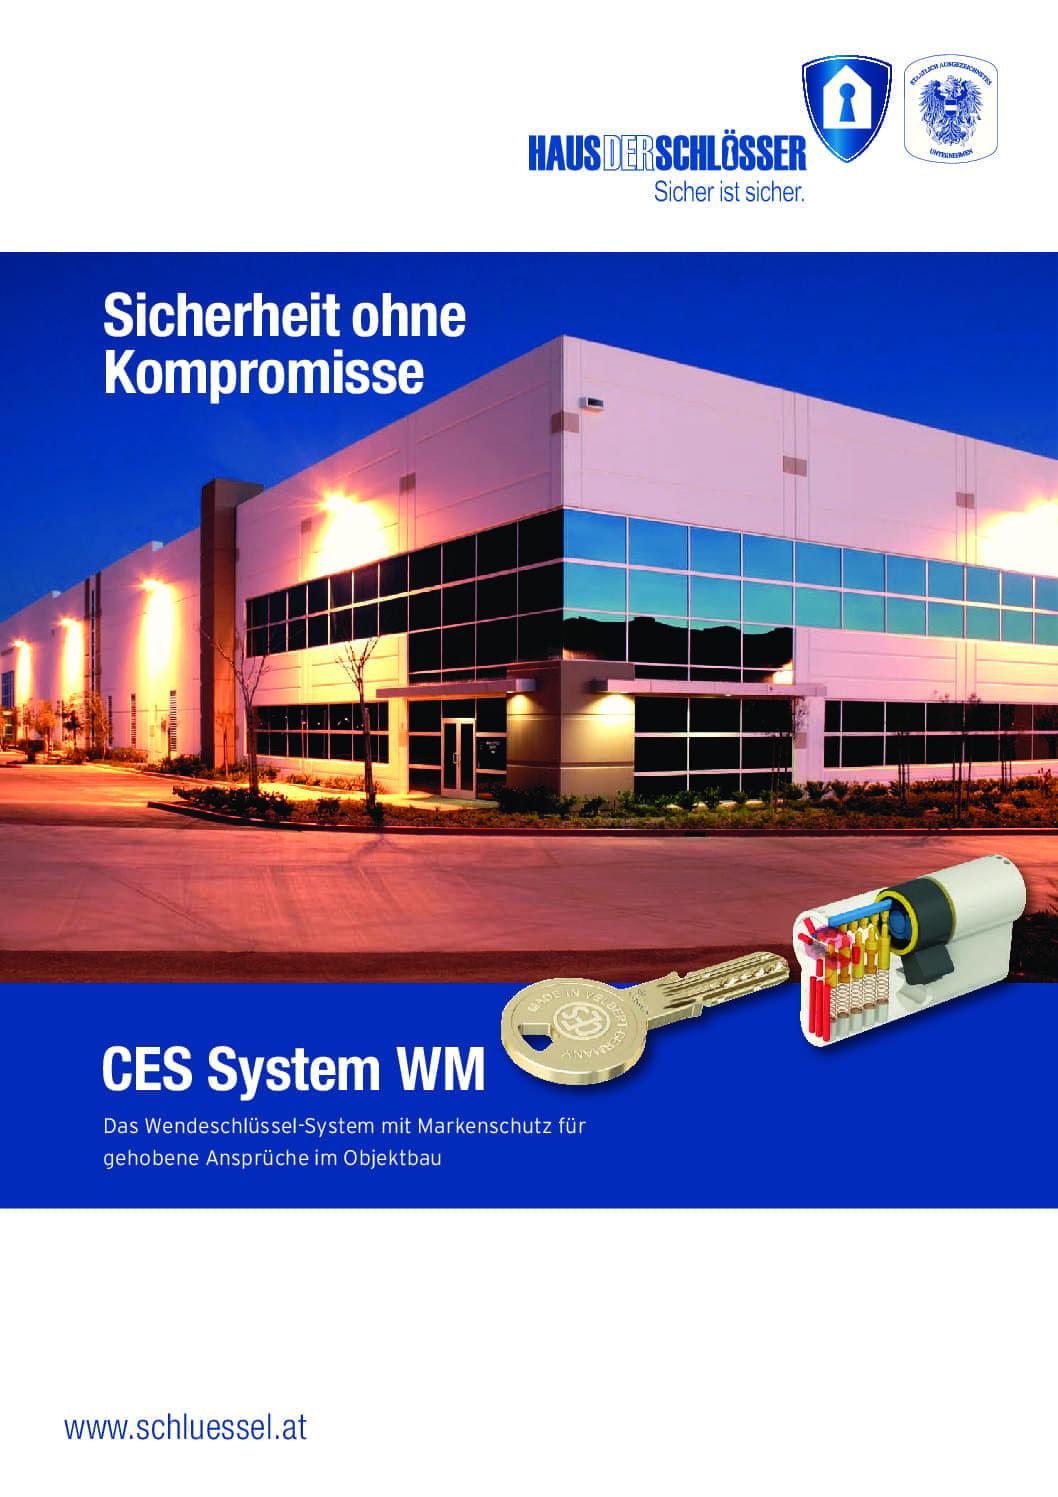 Abbildung Schlüssel- & Schloßsystem CES WSM